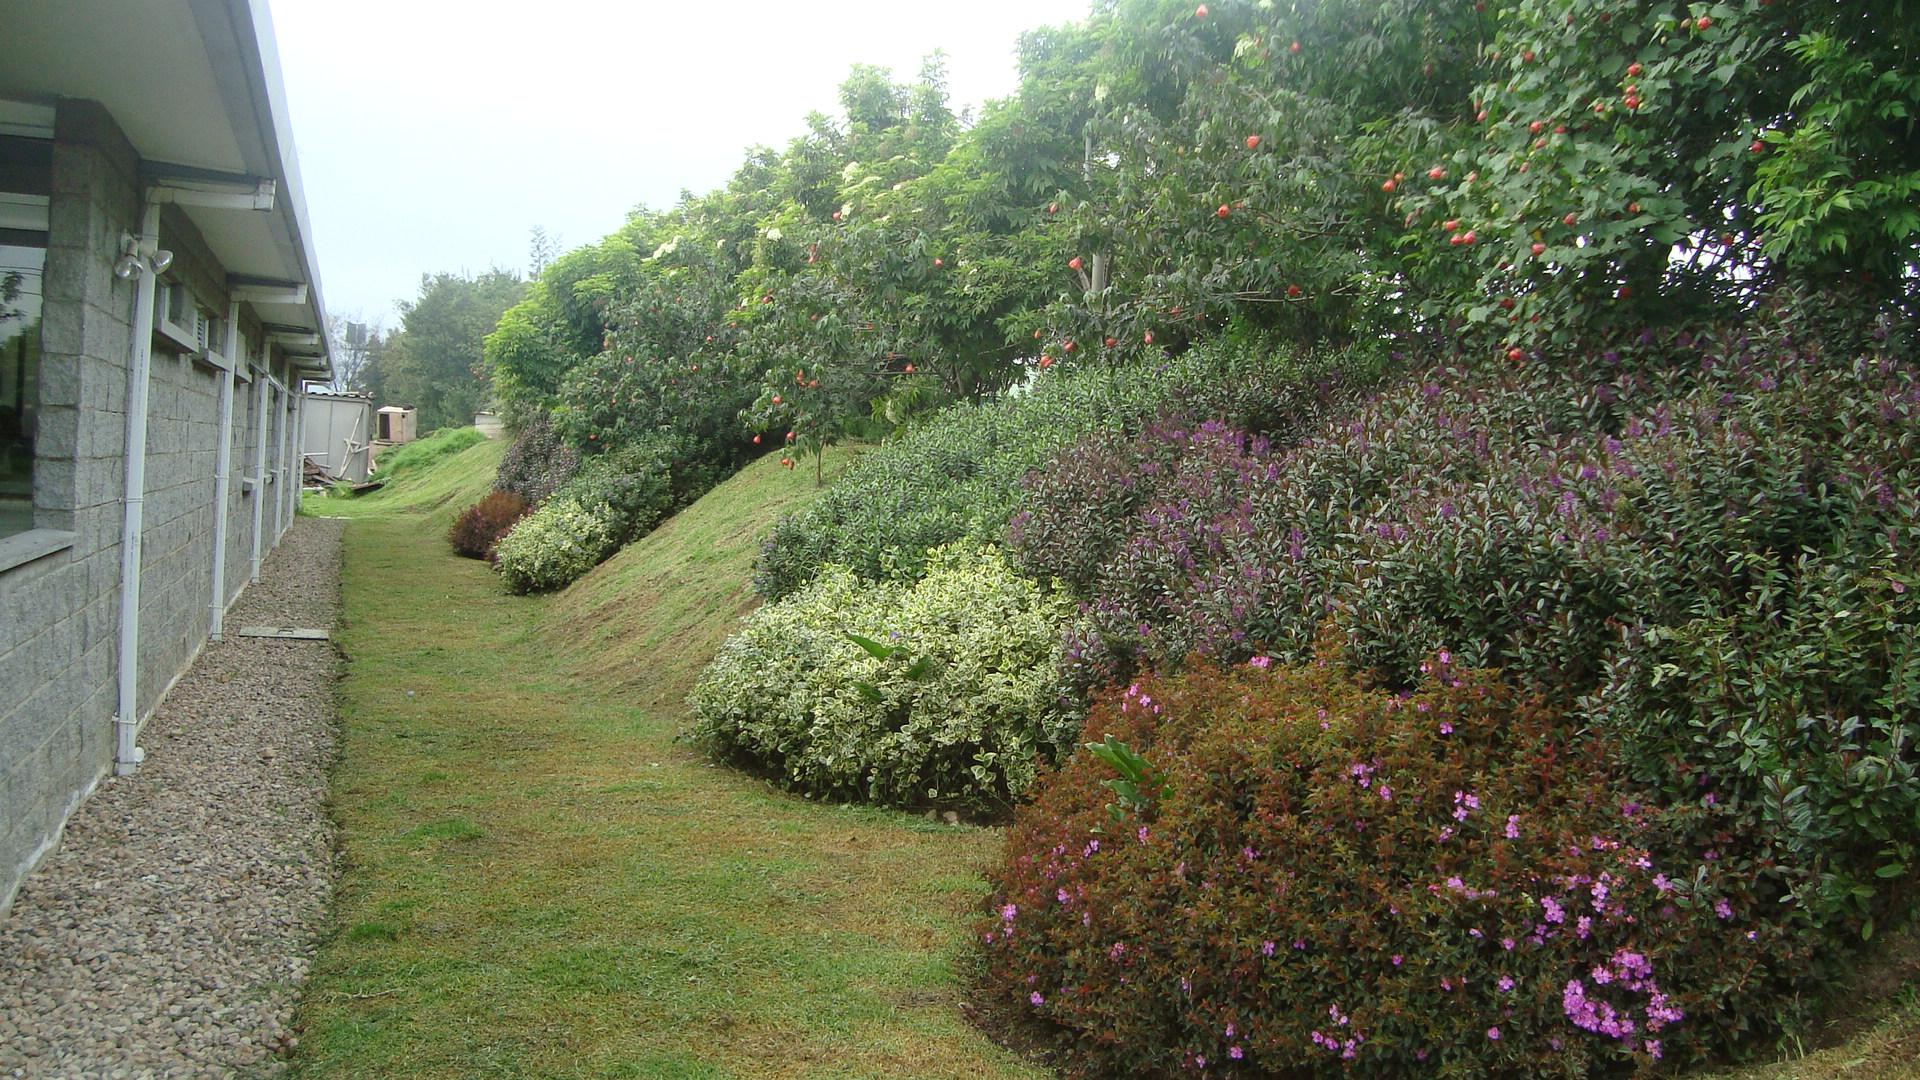 Mto. jardines y zonas verdes (3)